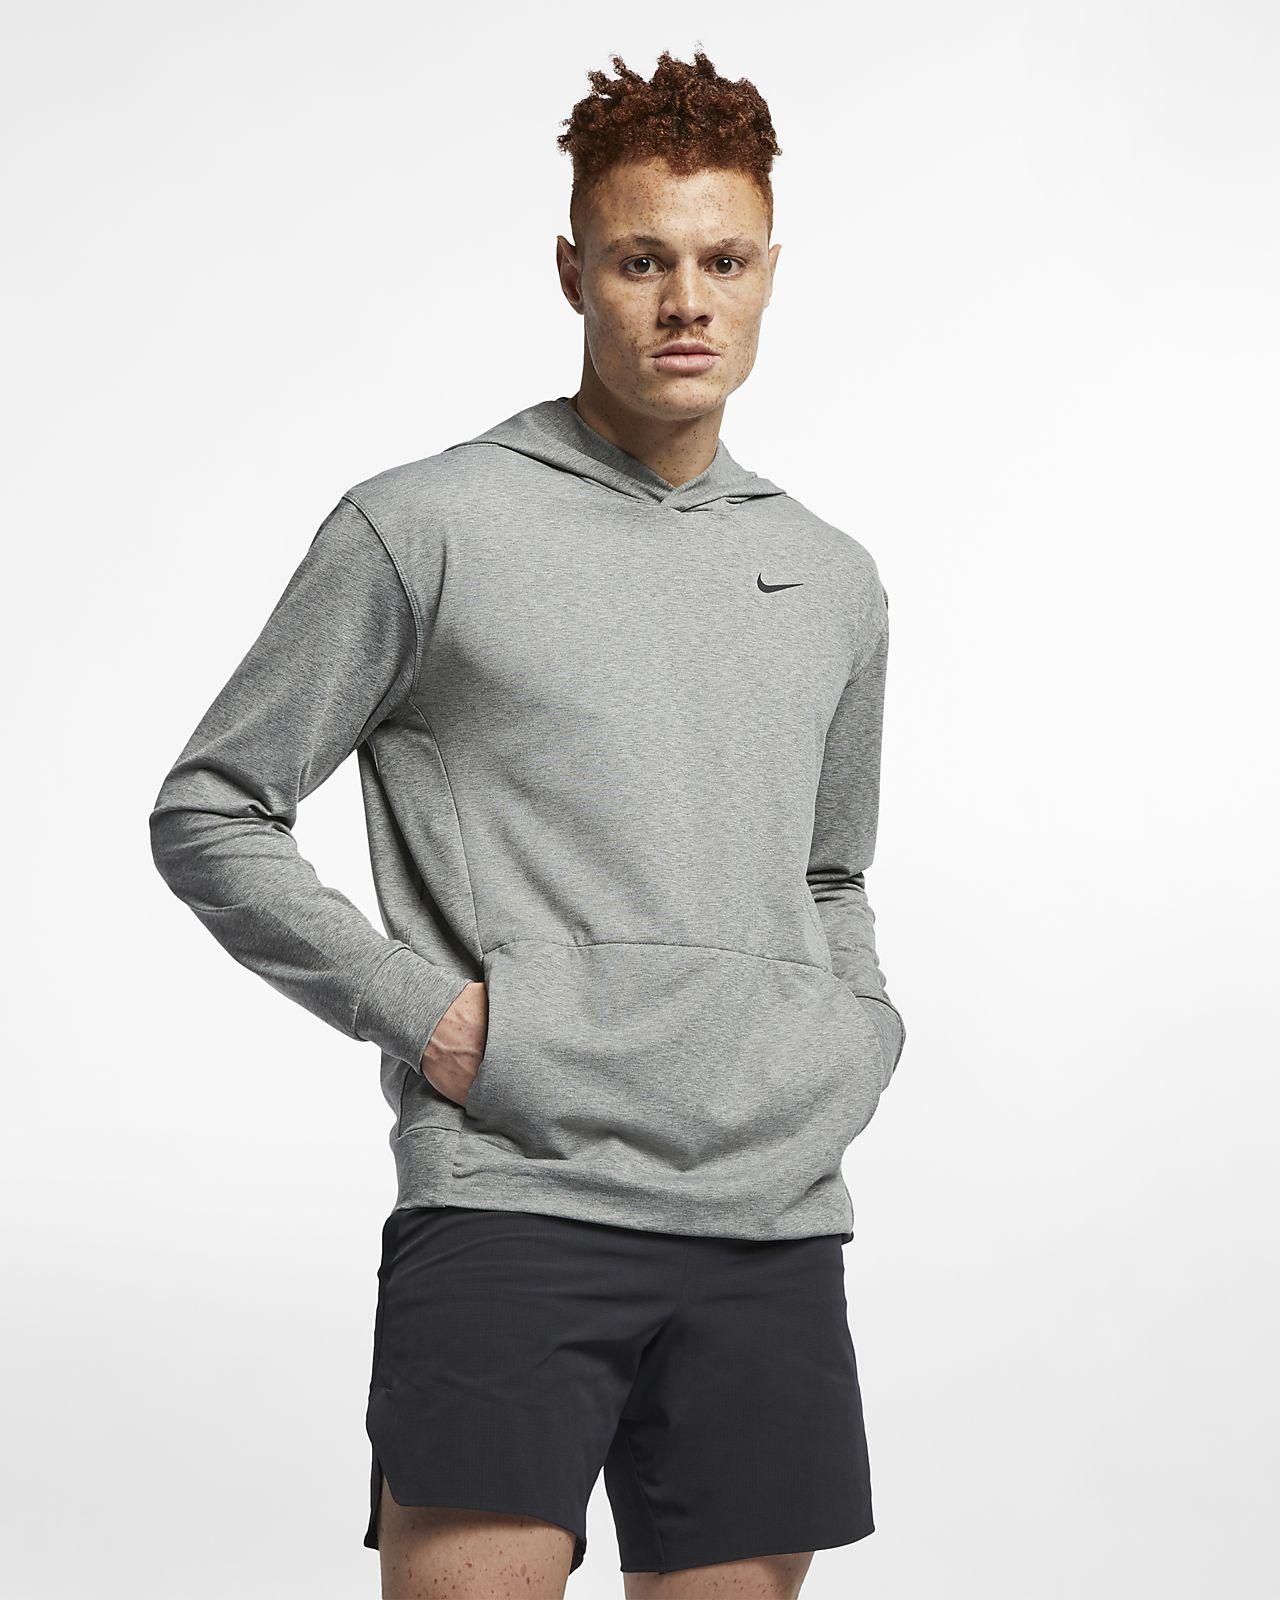 Nike Dri-FIT langermet treningshettegenser for yoga til herre